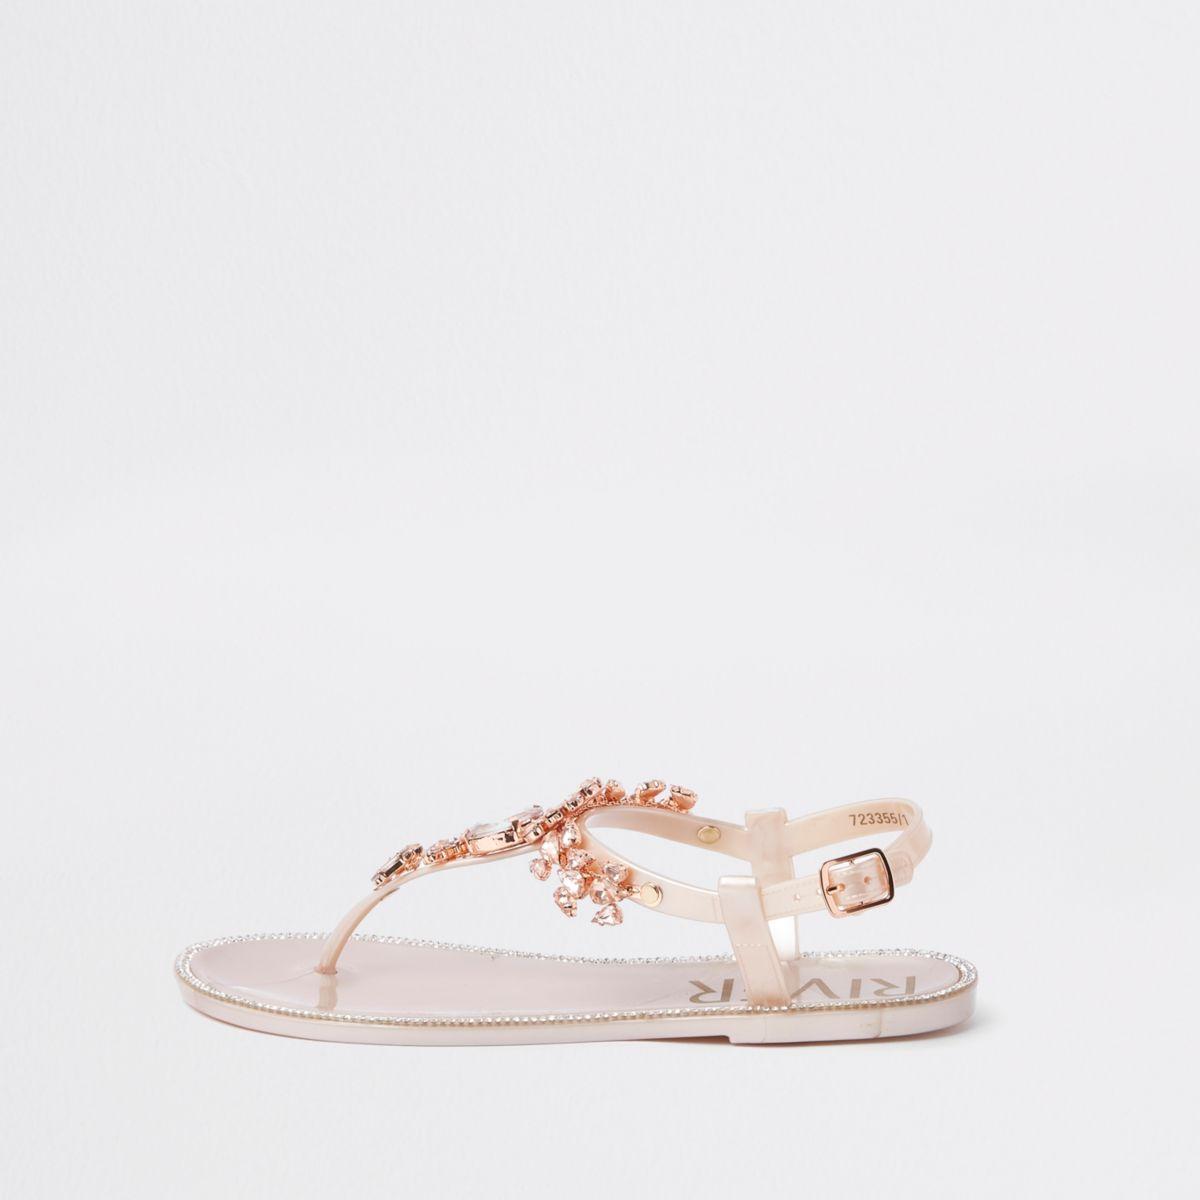 Gold jewel embellished sandals